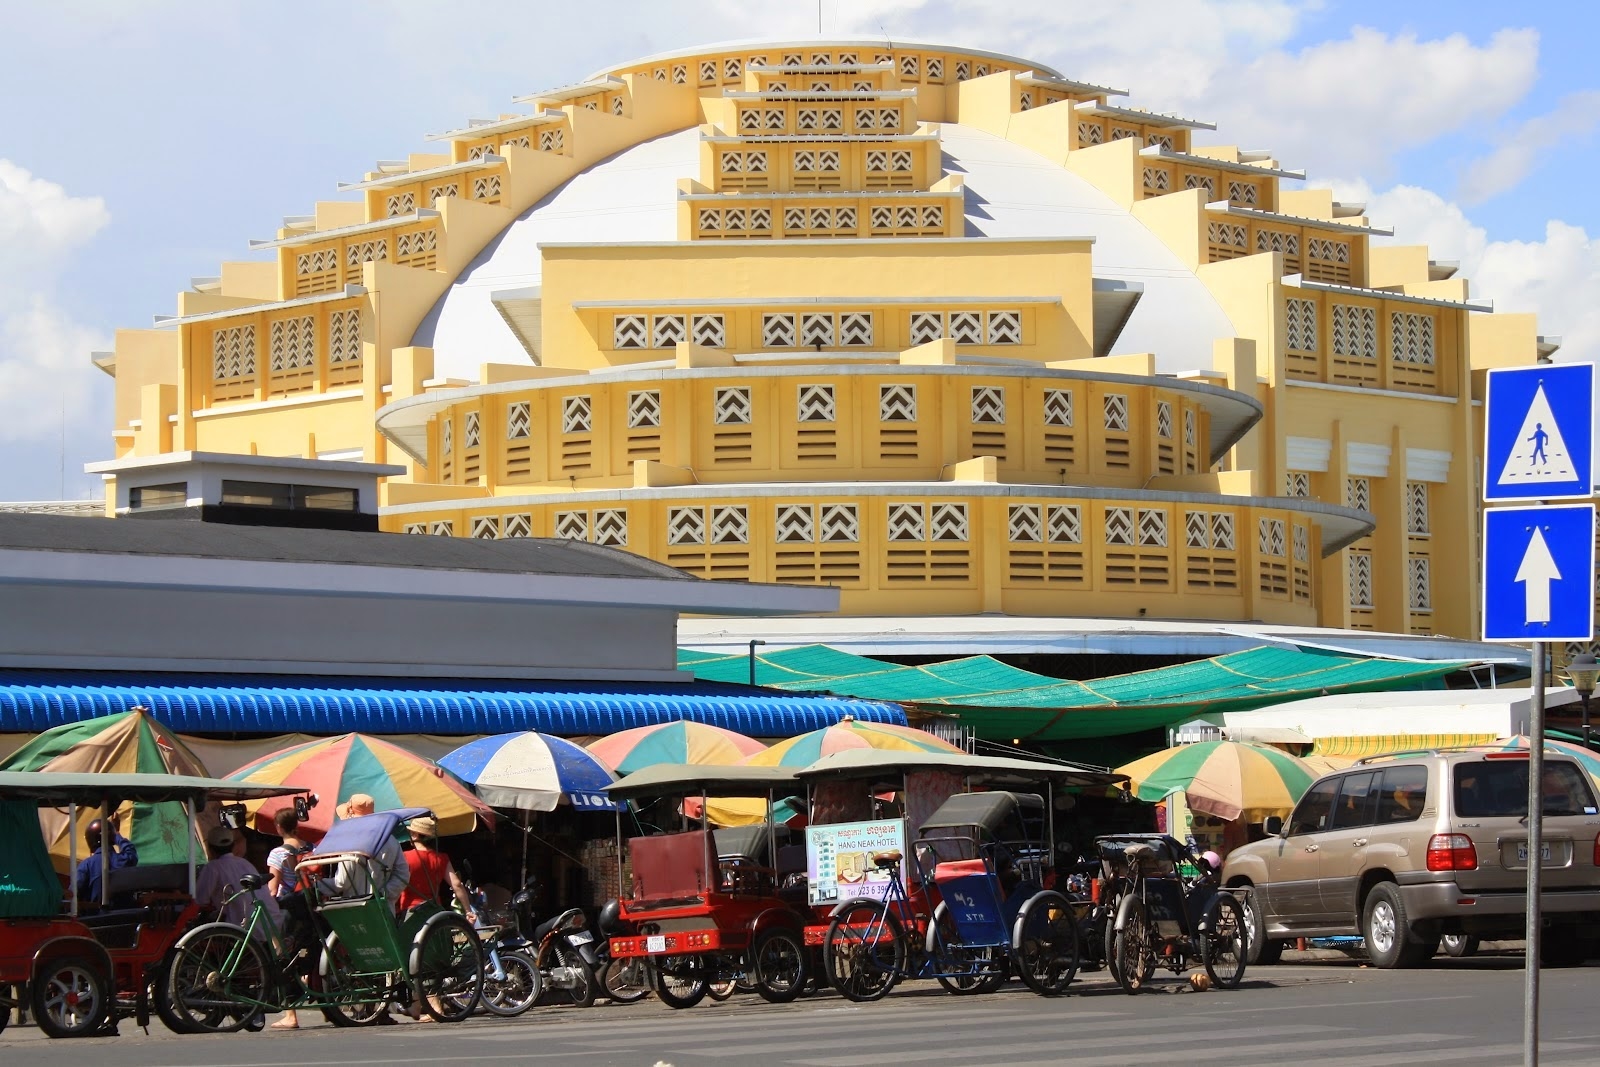 Quang cảnh trước chợ PhSa-Thmey